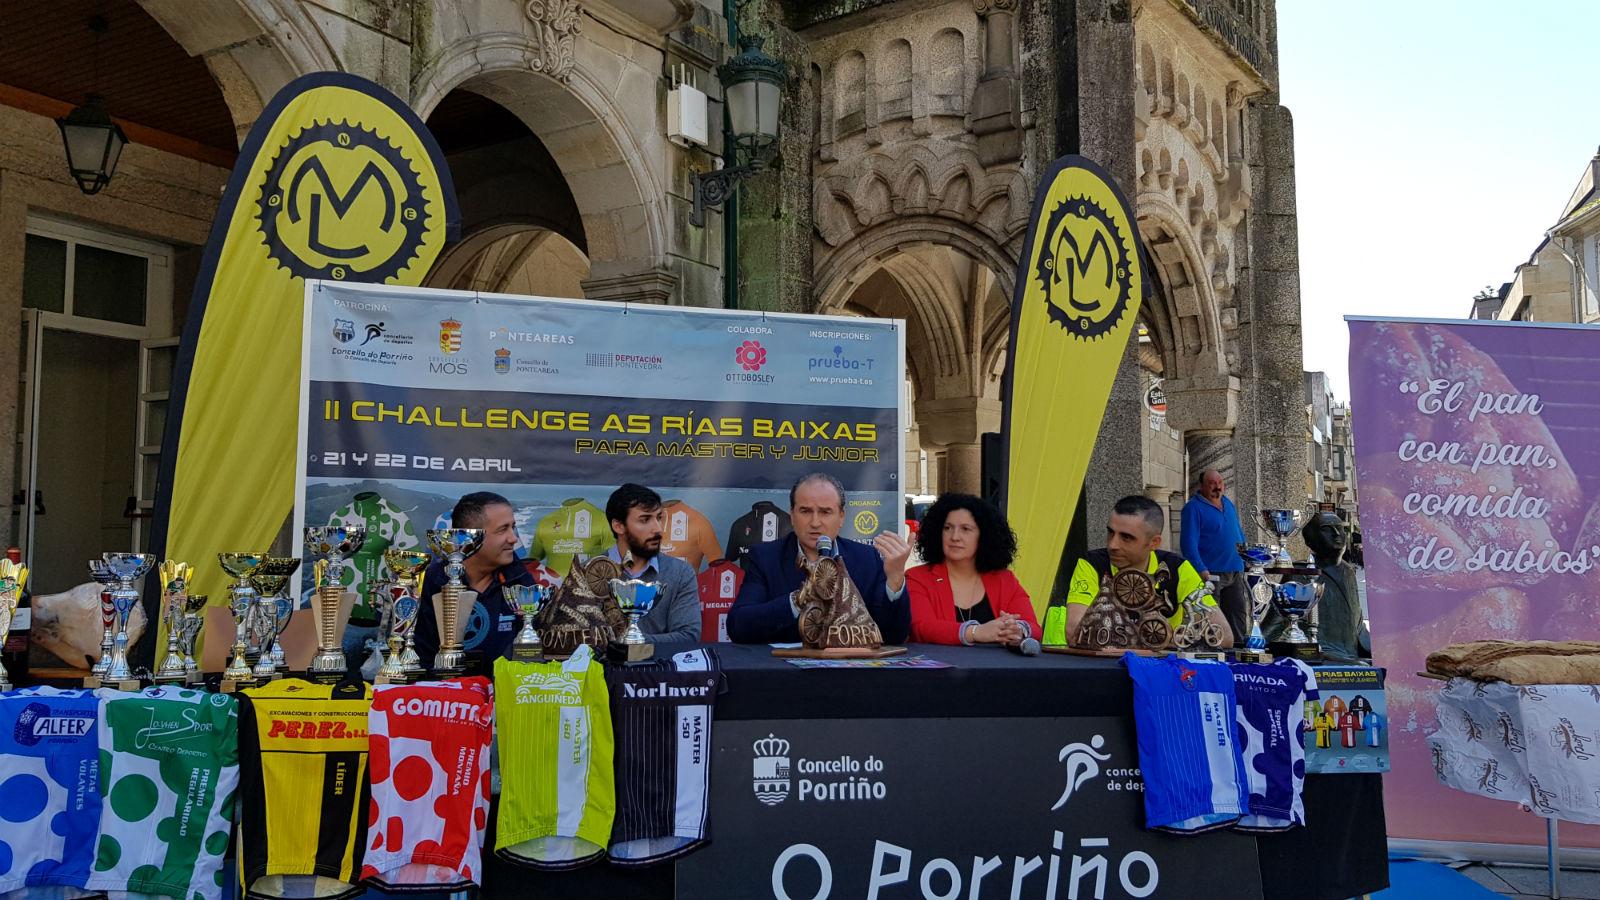 200 ciclistas participarán esta fin de semana na II Challenge As Rías Baixas de ciclismo que percorrerá os concellos de Mos, Ponteareas e O Porriño